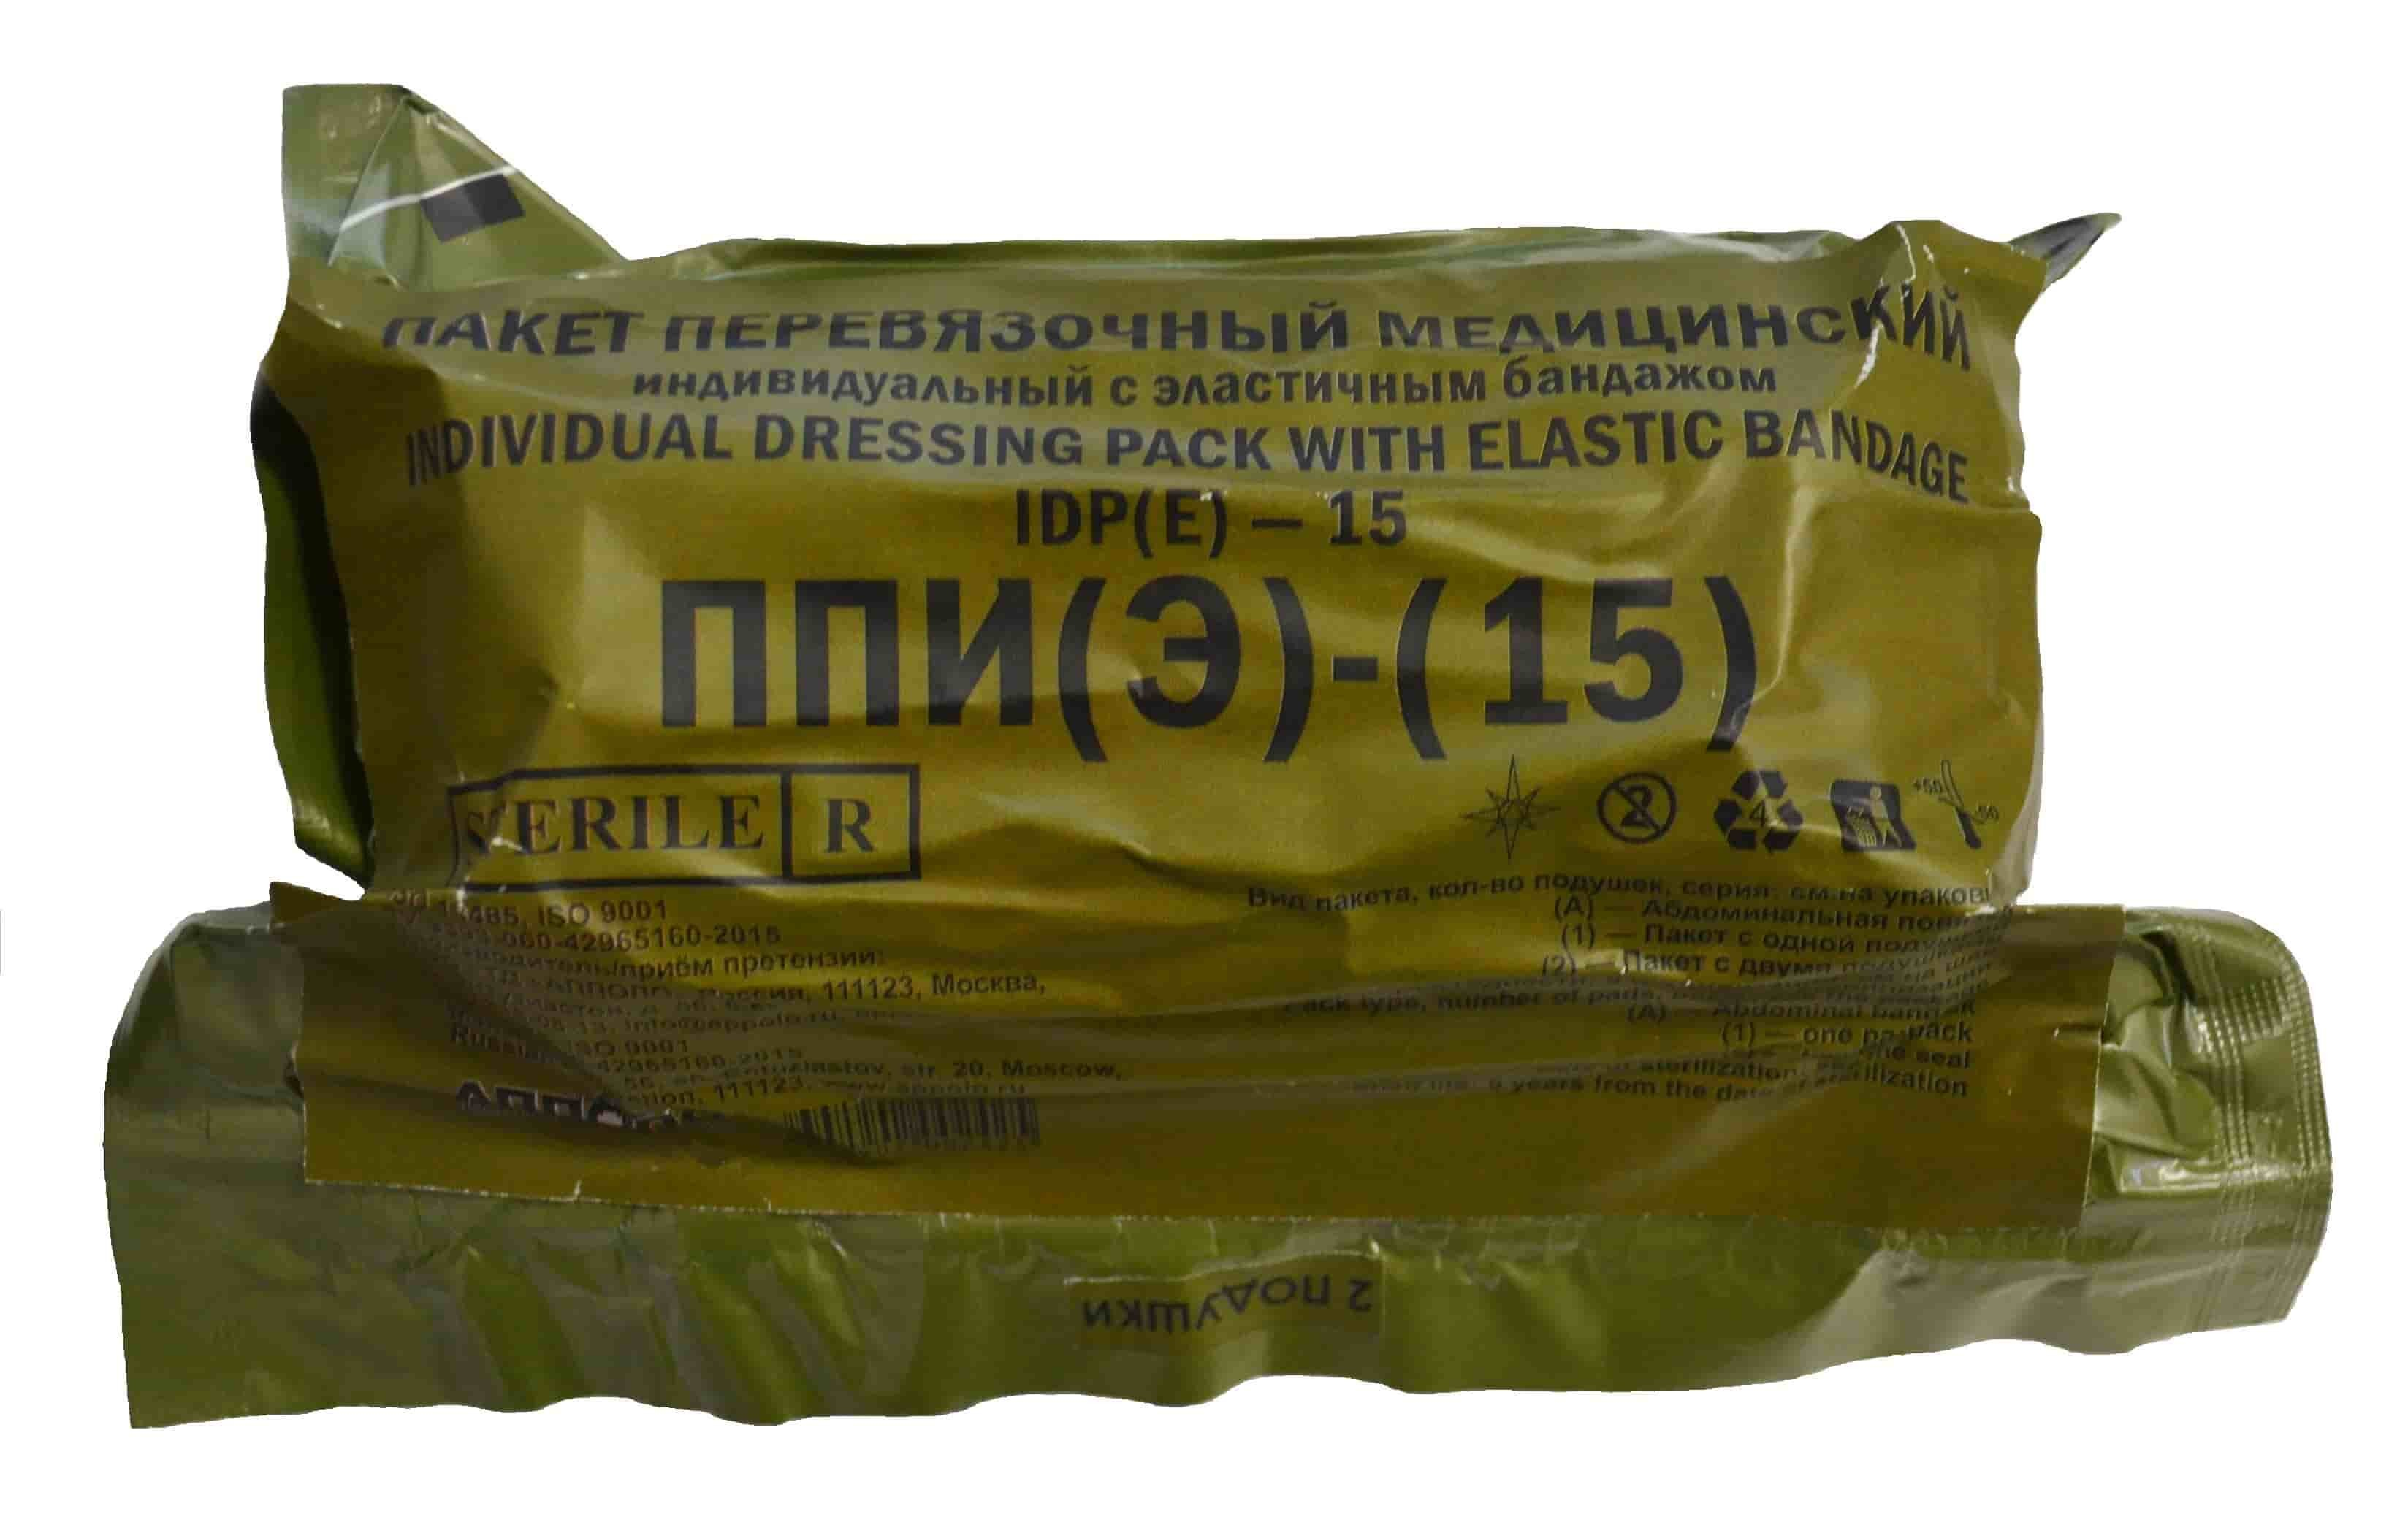 Пакет перевязочный медицинский индивидуальный с эластичным бандажом ППИ(Э) Абдоминальный